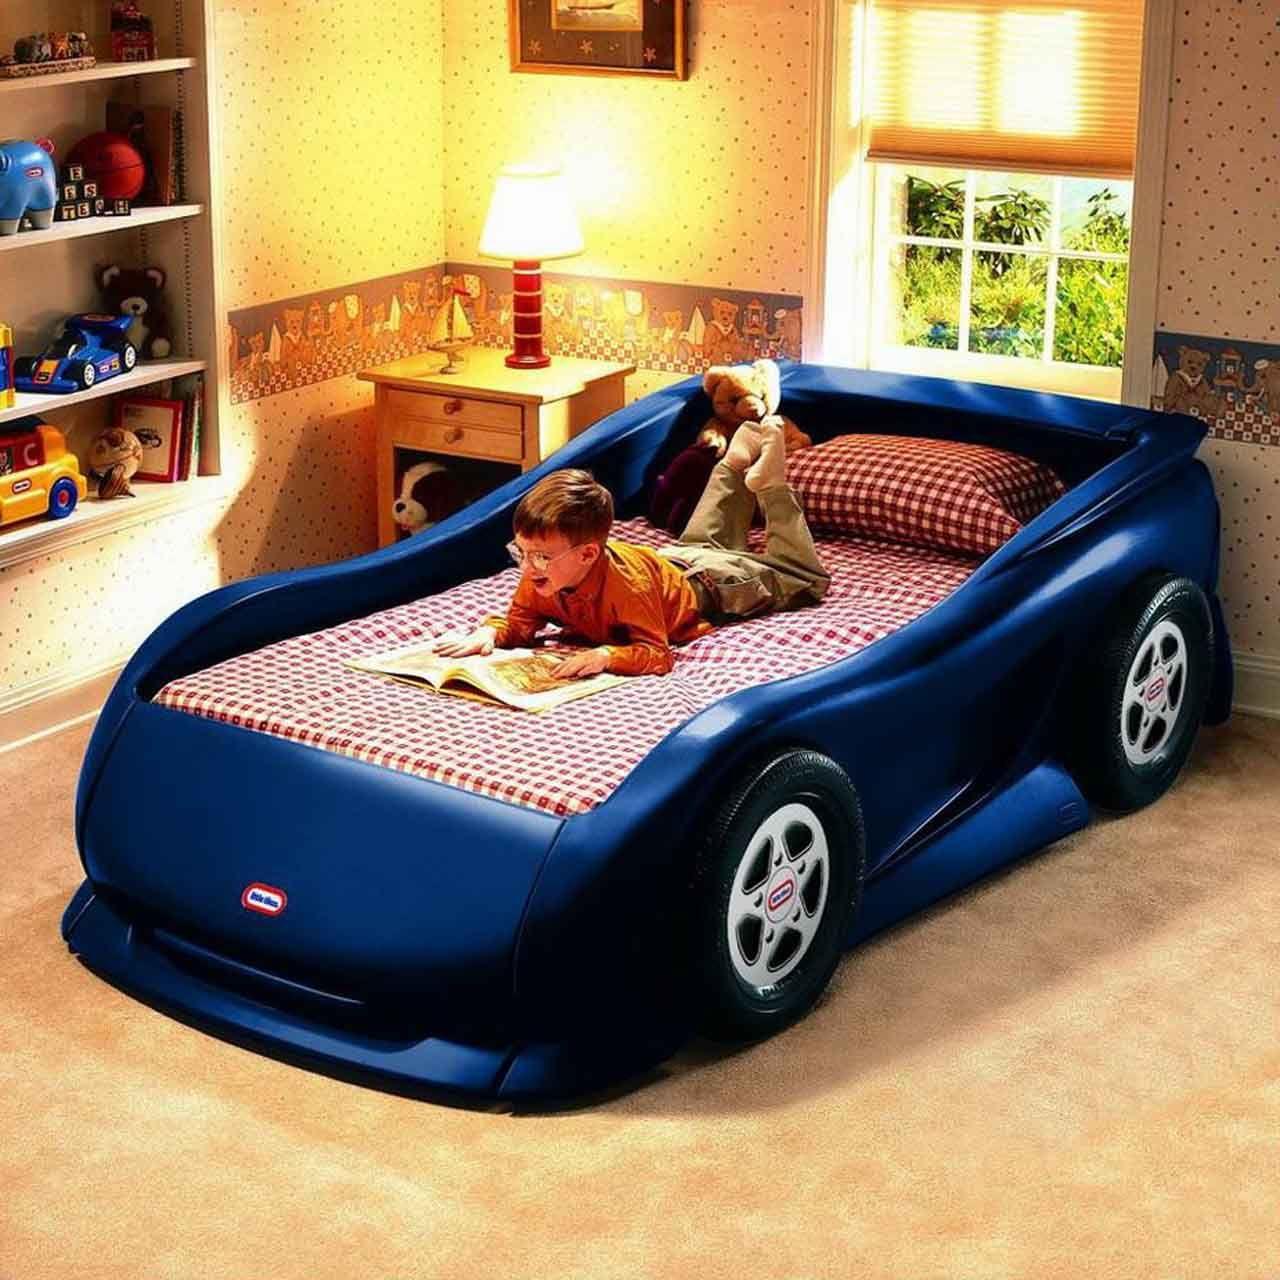 cool kids car beds. Car Beds For Kids Boys Bedroom Furniture Cool Y